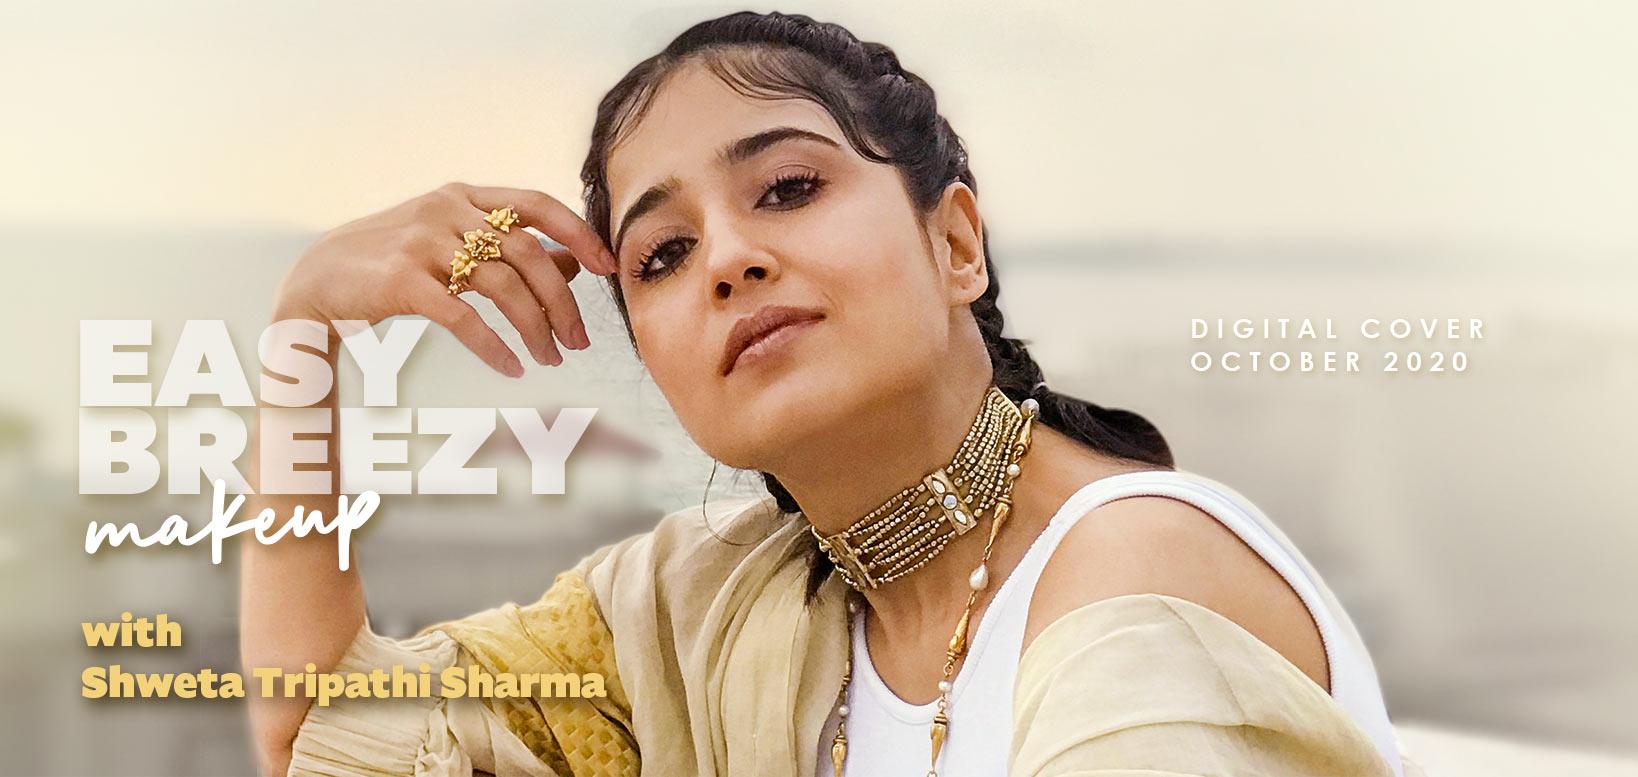 Shweta Tripathi Sharma reveals her beauty secrets